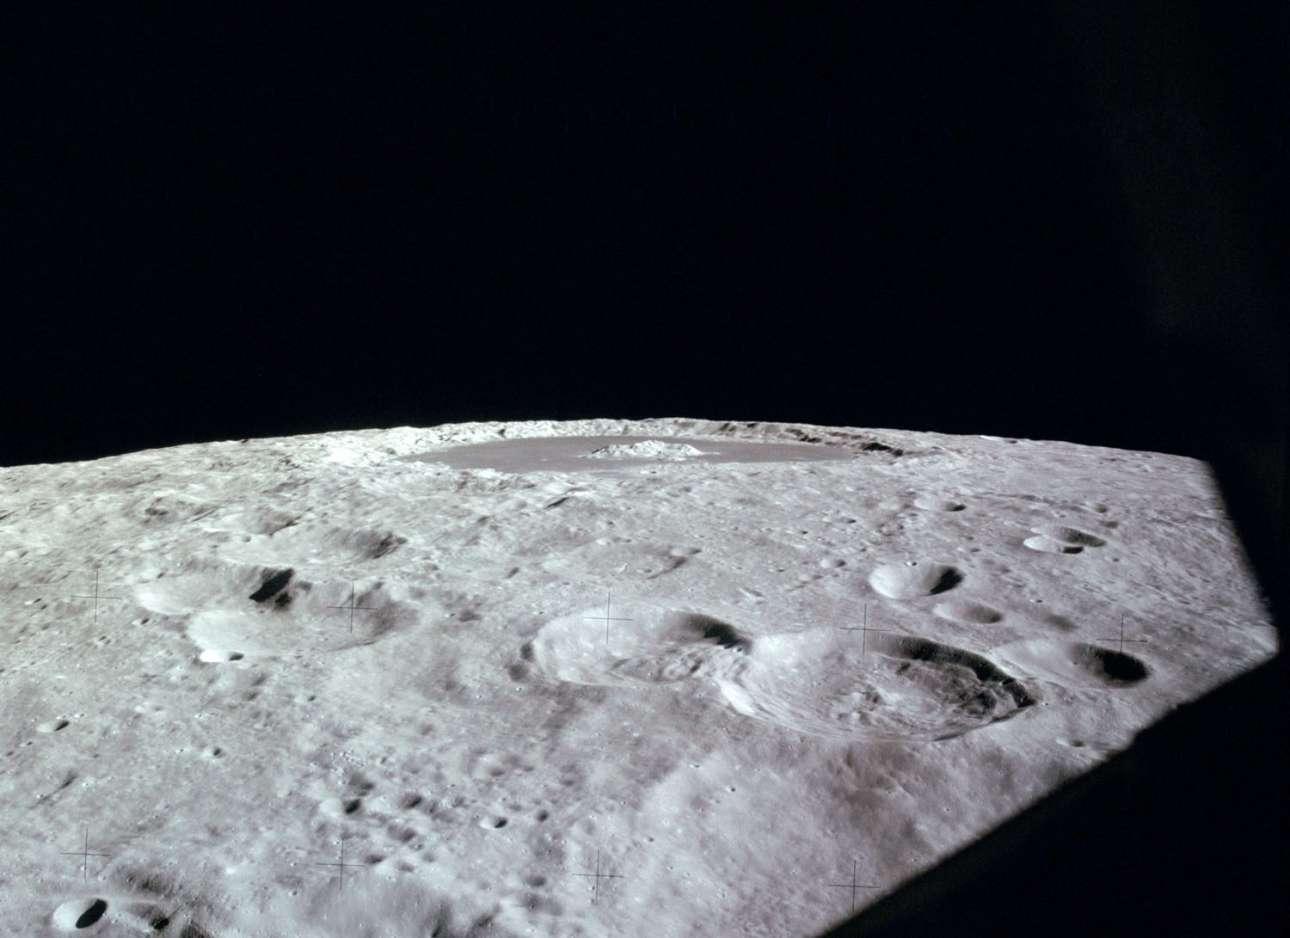 Η οριζόντια όψη του κρατήρα Τσιολκόβσκι (στο κέντρο του ορίζοντα) της Σελήνης, όπως απαθανατίστηκε μέσα από το Apollo 12